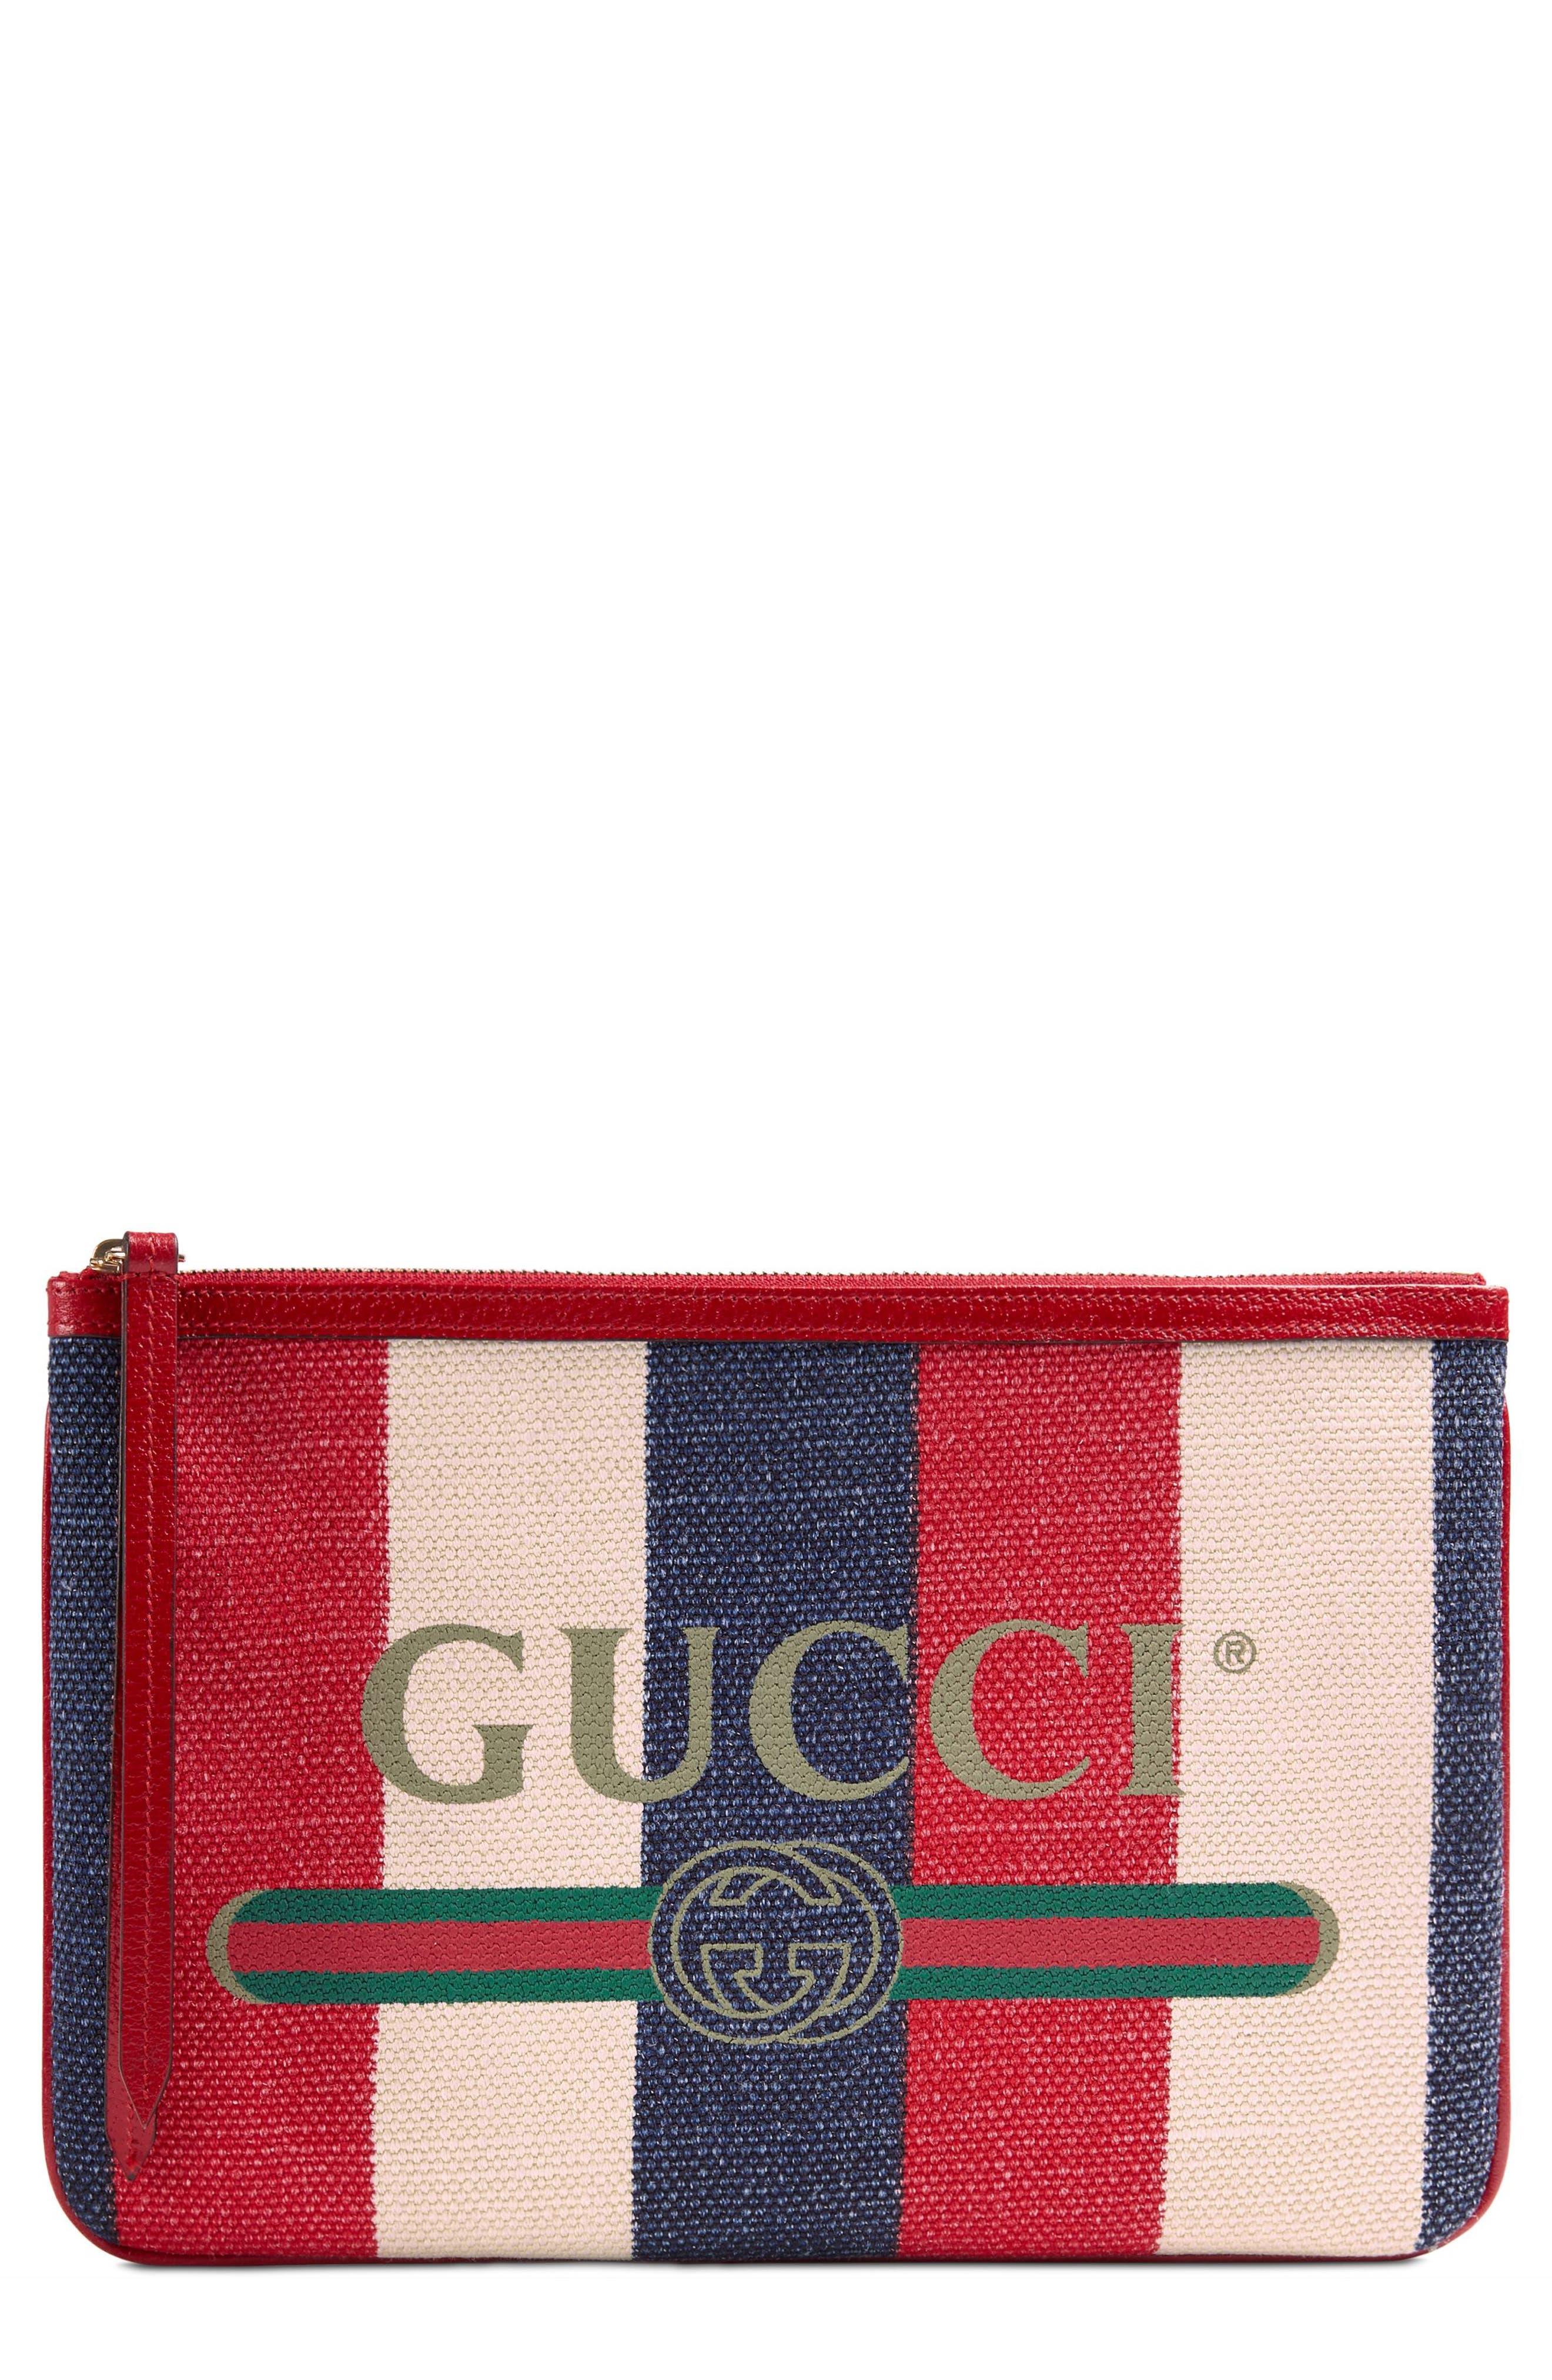 Gucci Linea Merida Zip Pouch